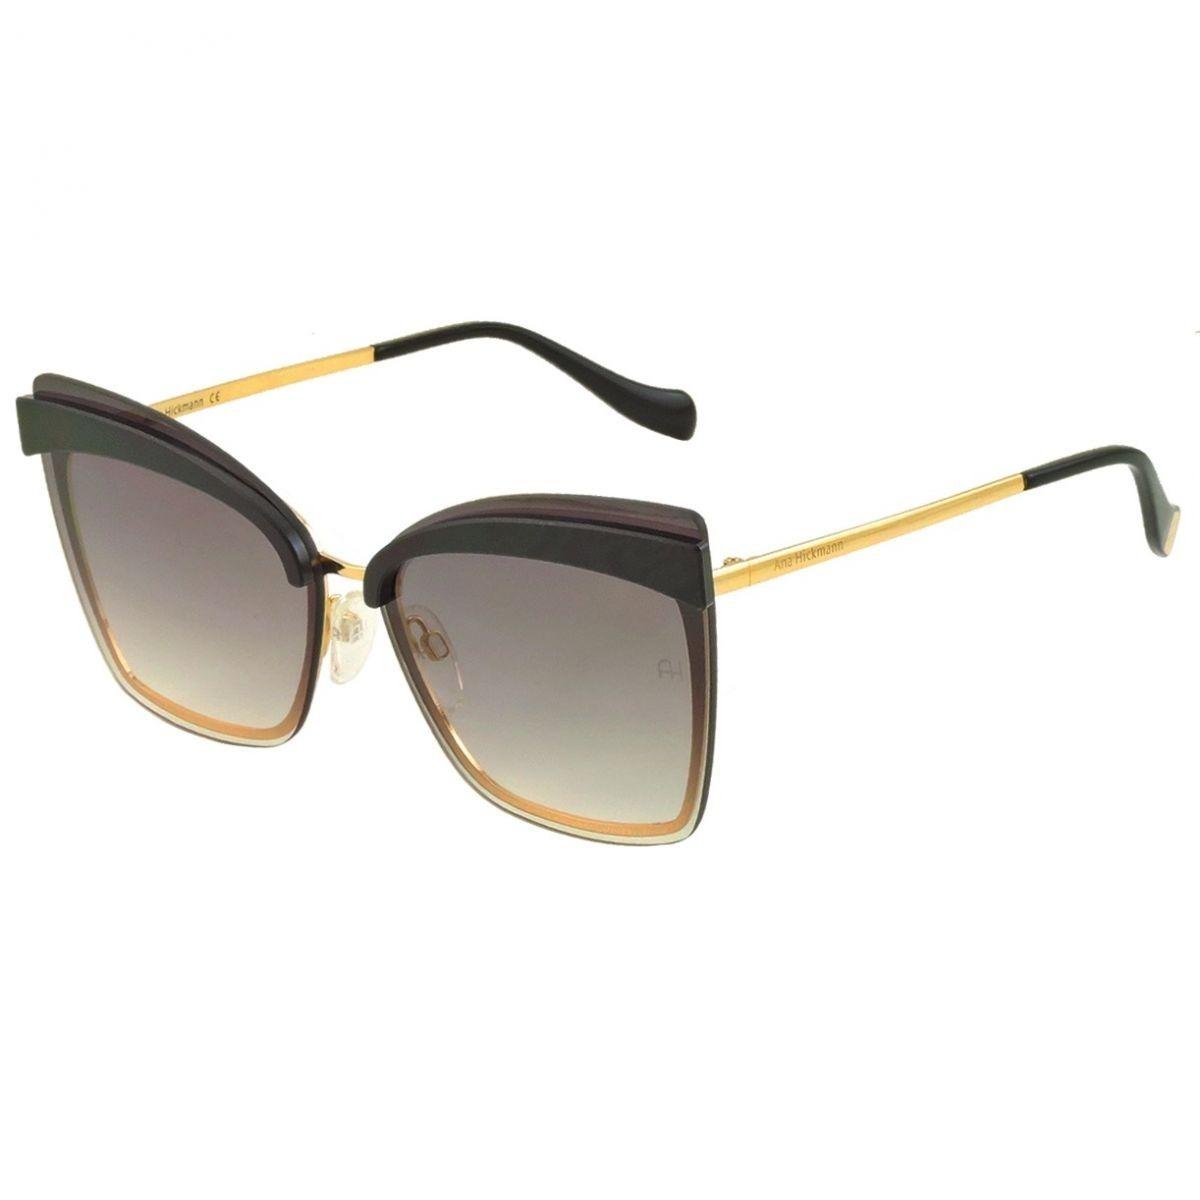 Óculos De Sol Ana Hickmann Feminino Ah3177 04a - R  457,65 em ... c140fe5129